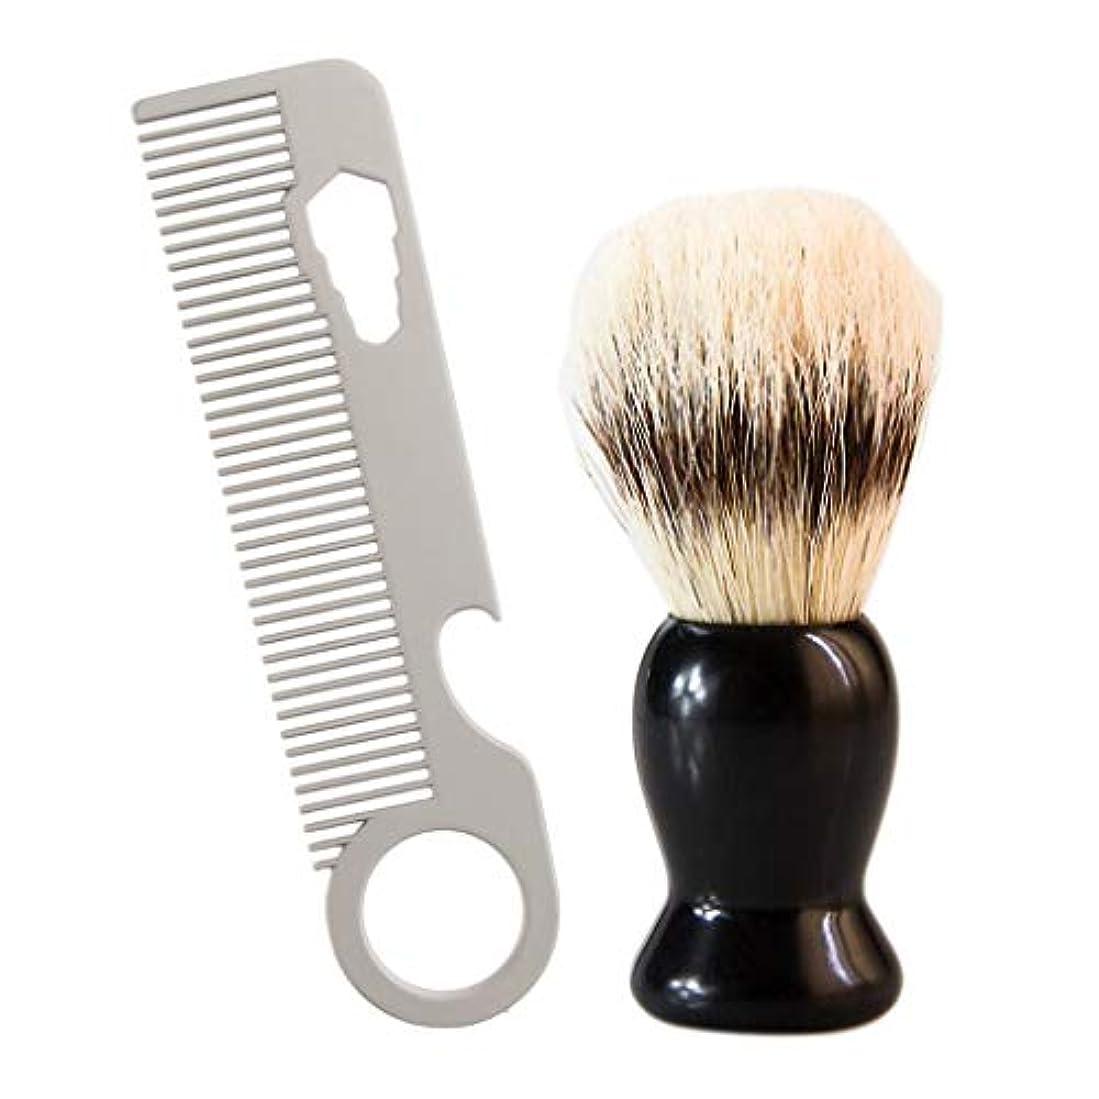 退屈本物の量でsharprepublic 2個 メンズ用 ひげ剃り櫛 シェービングブラシ 理容 洗顔 髭剃り キャンプ 旅行 家庭